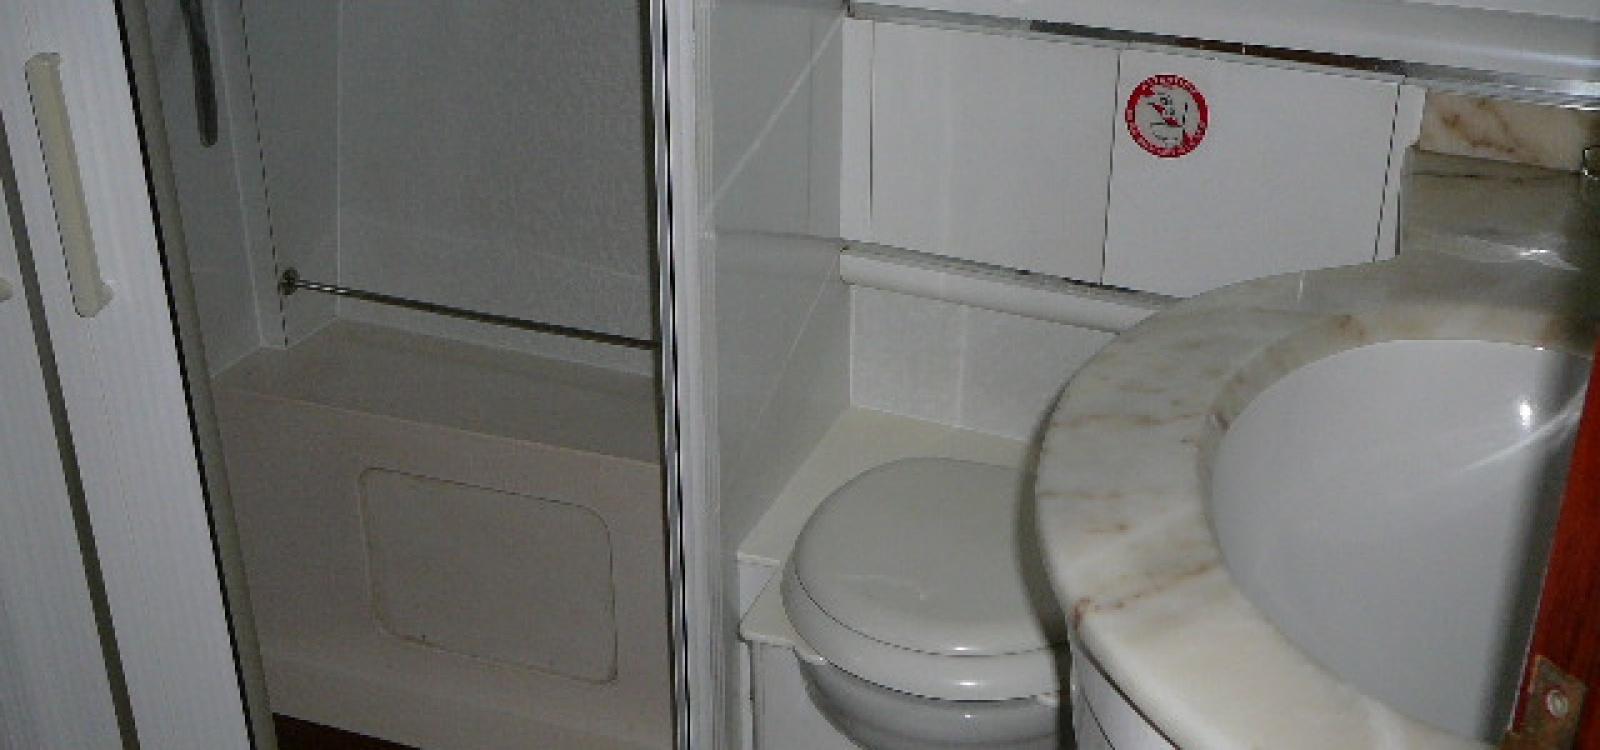 EL MASNOU,Barcelona,España,5 Habitaciones Habitaciones,3 LavabosLavabos,Barco a motor,1996